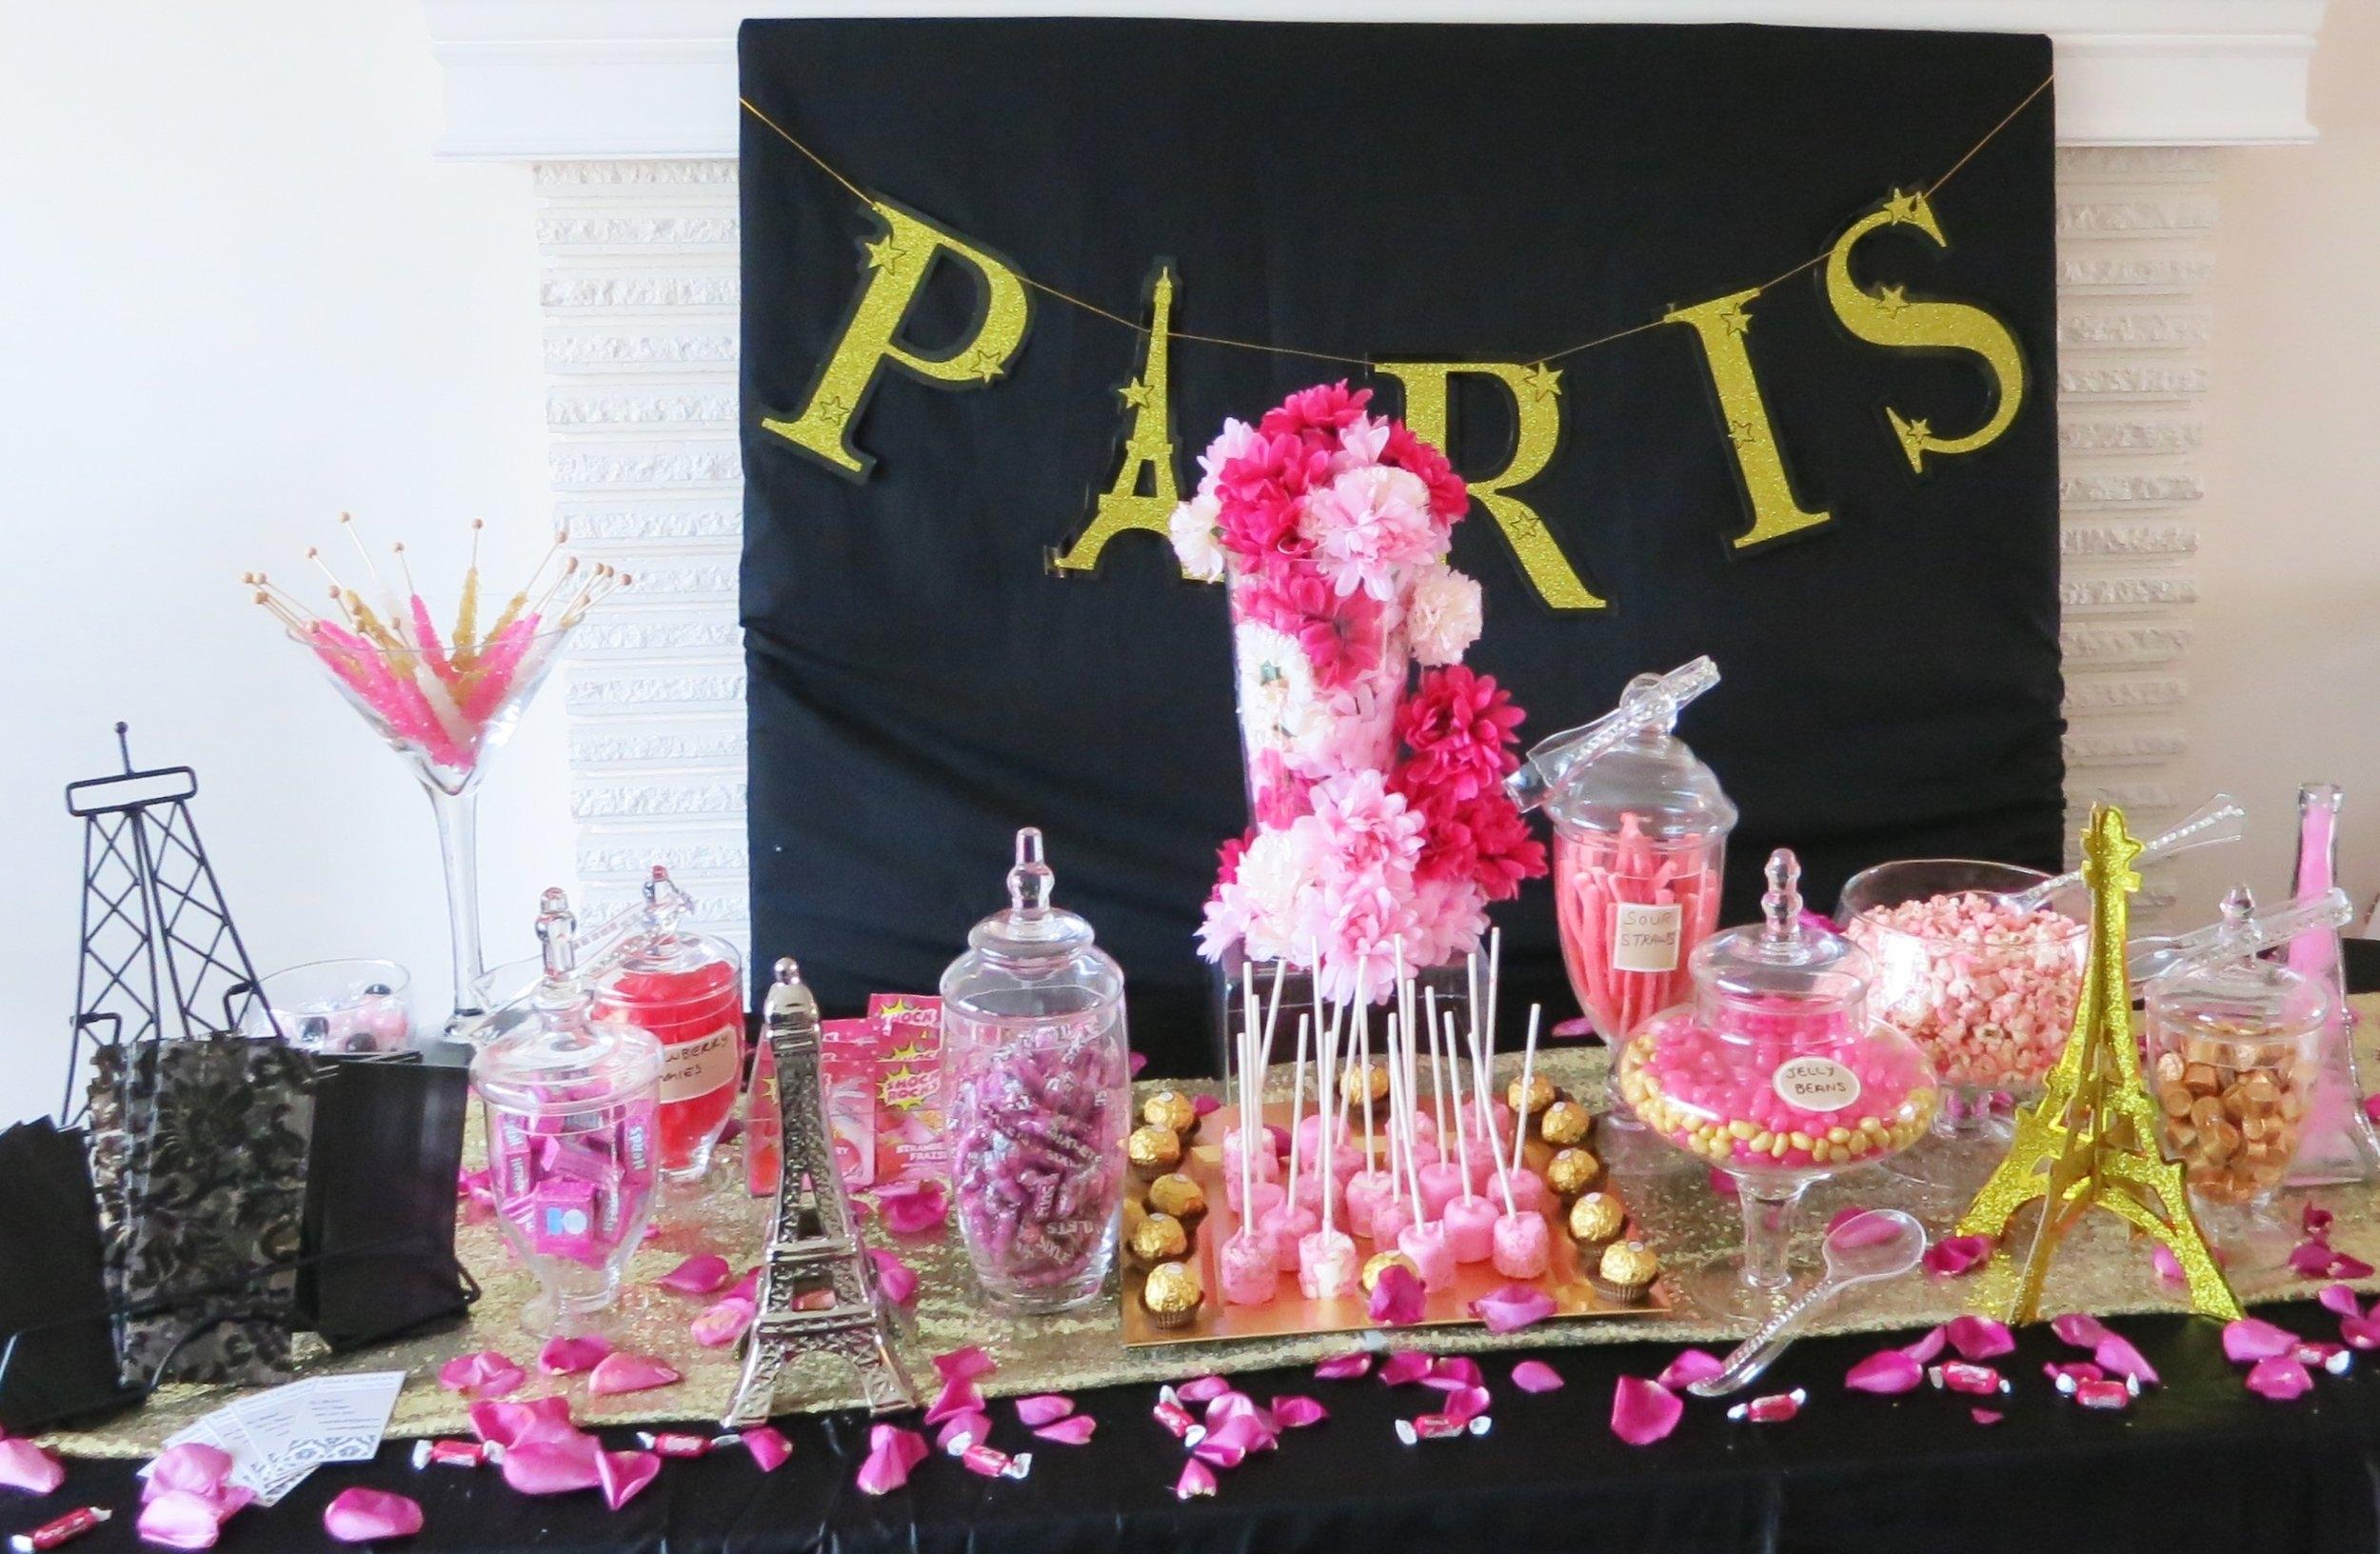 Paris_Candy_buffet_1.JPG